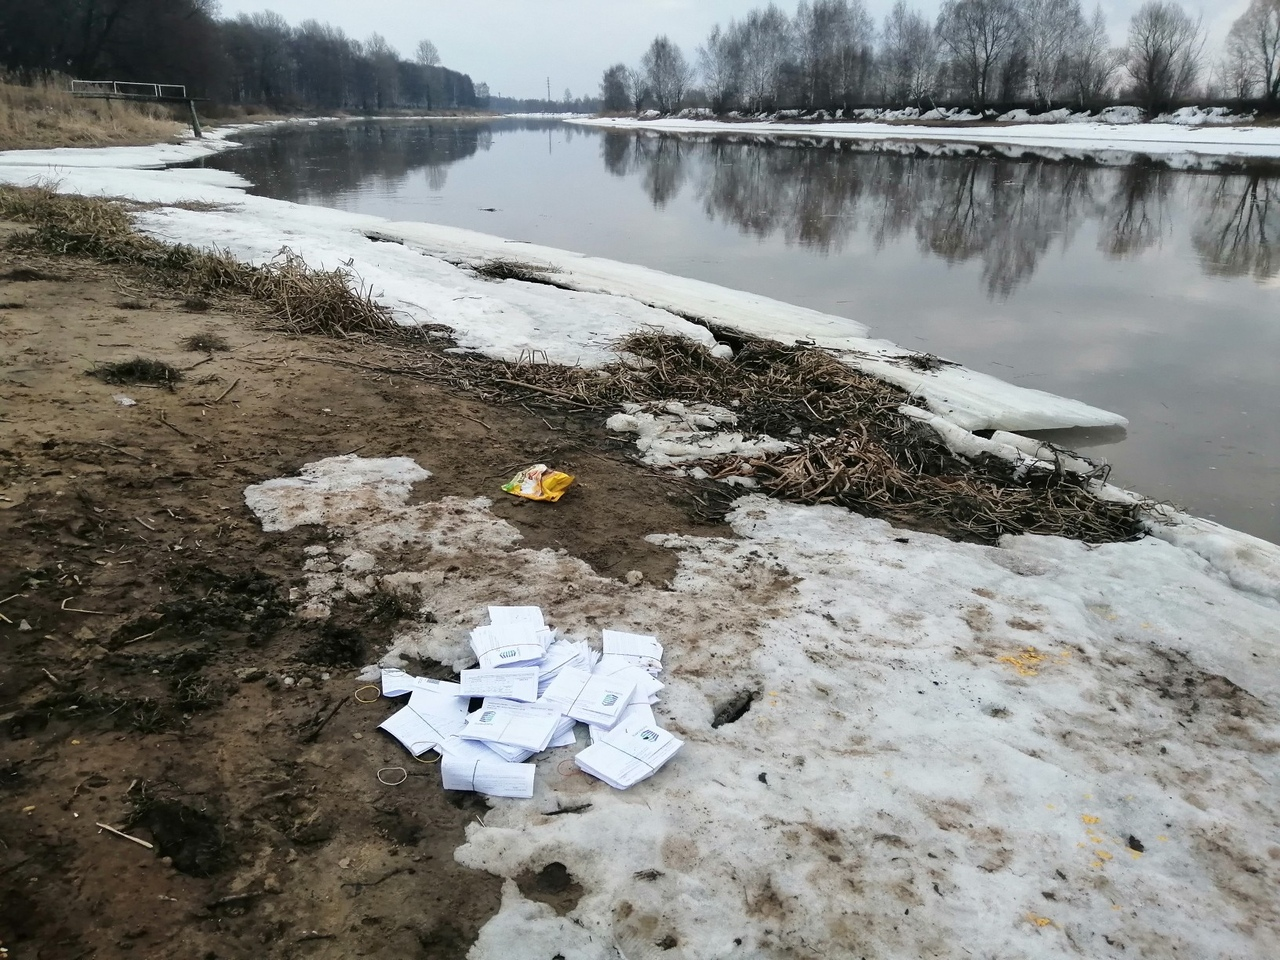 В «ЯрОбл ЕИРЦ» объяснили появление платежек на берегу реки